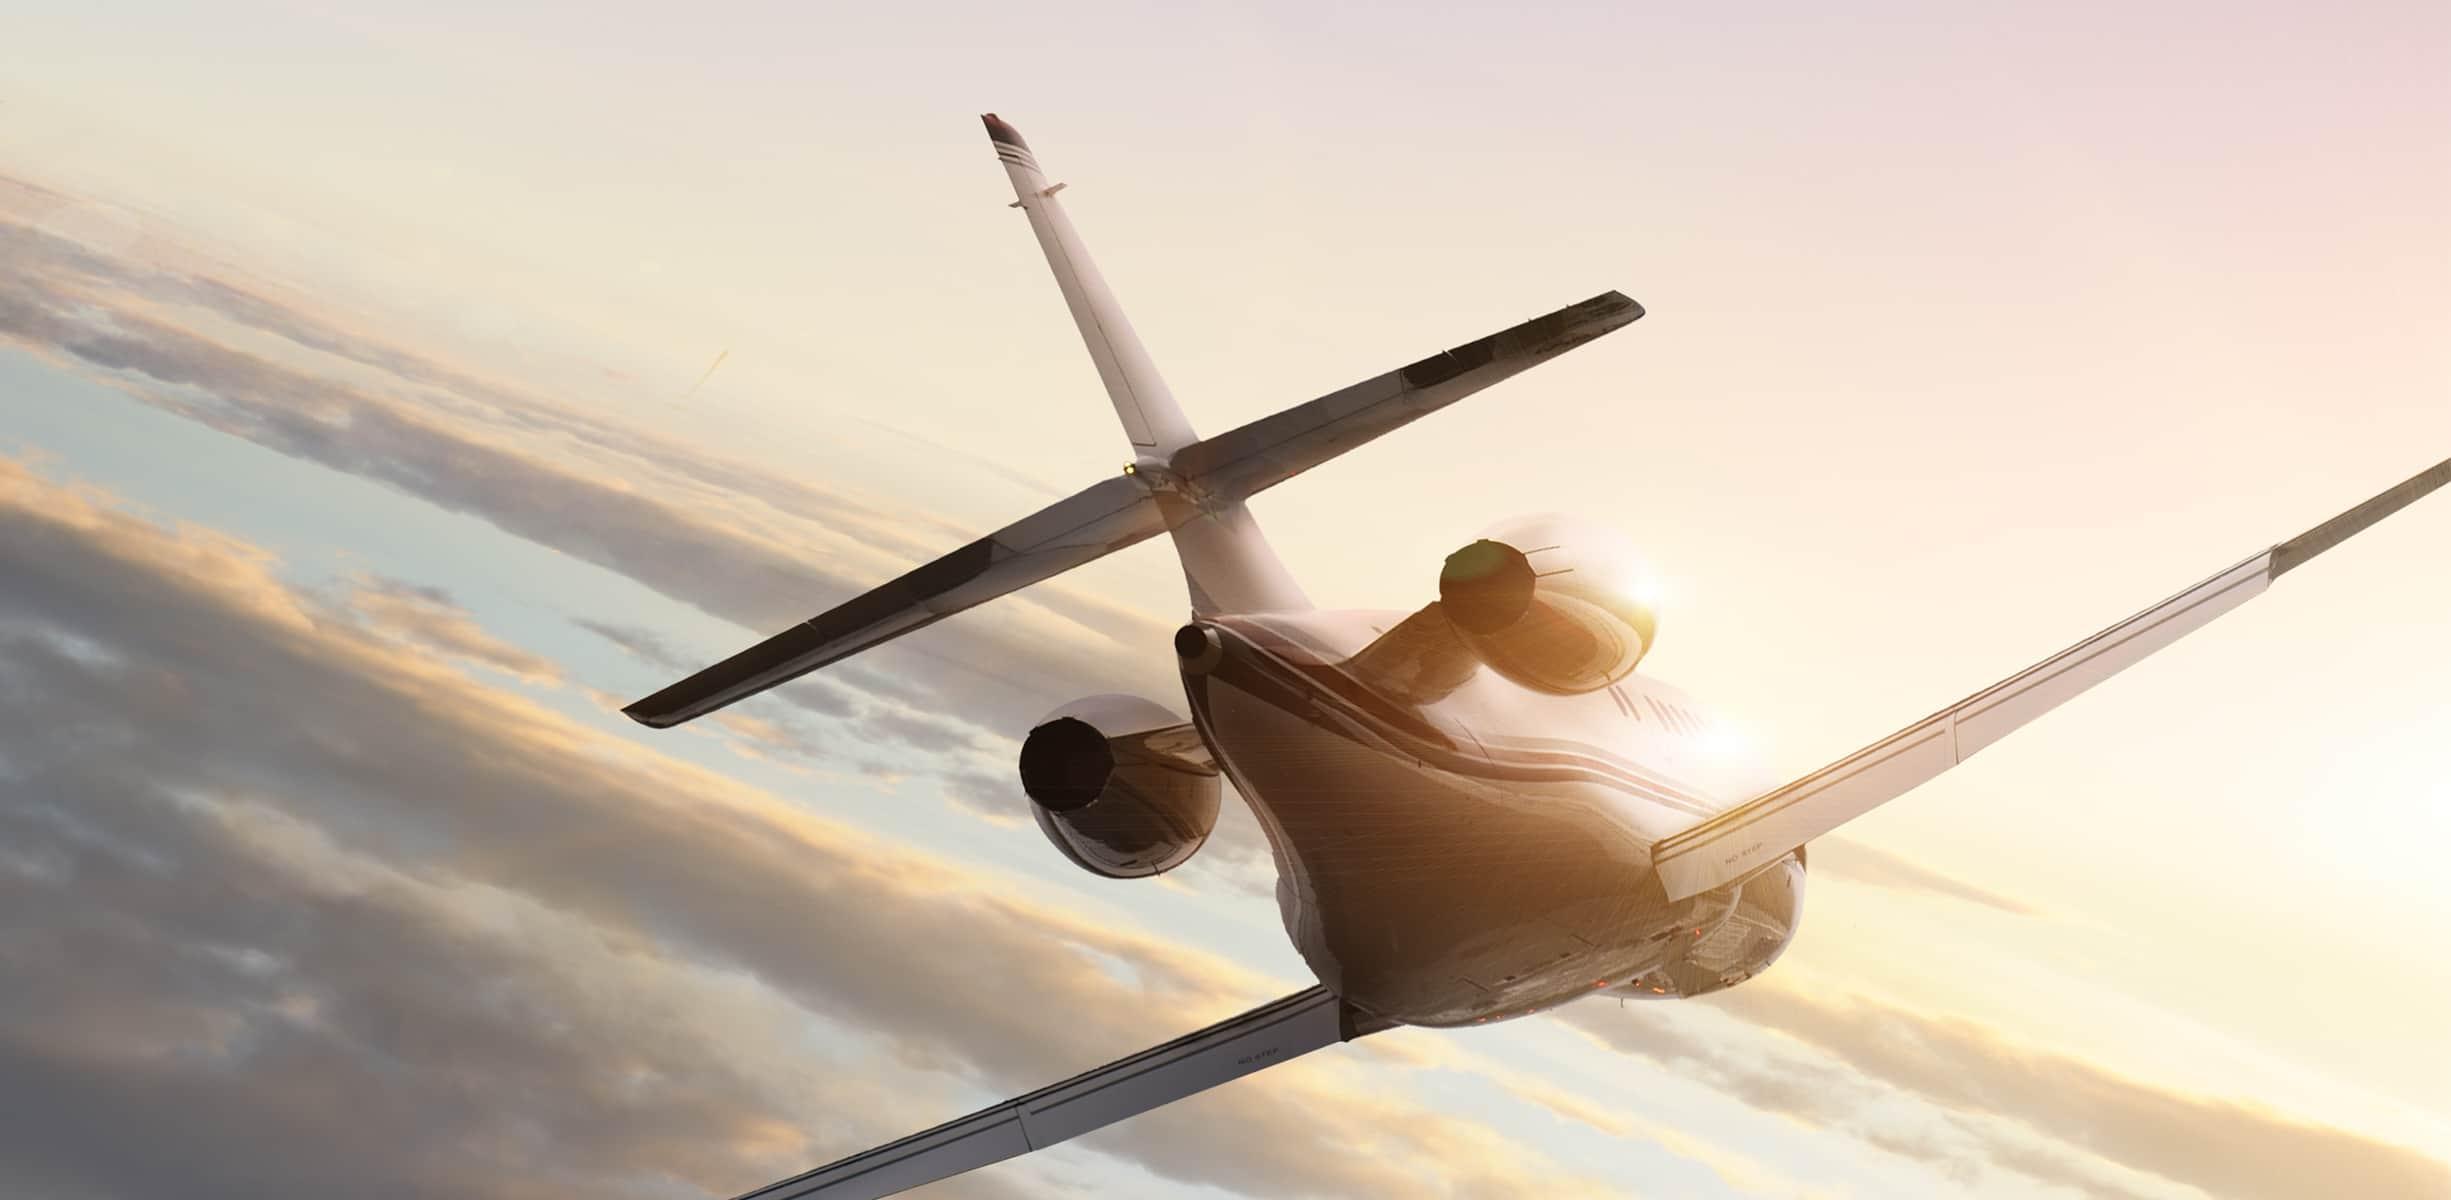 vuelos charter aviones comerciales